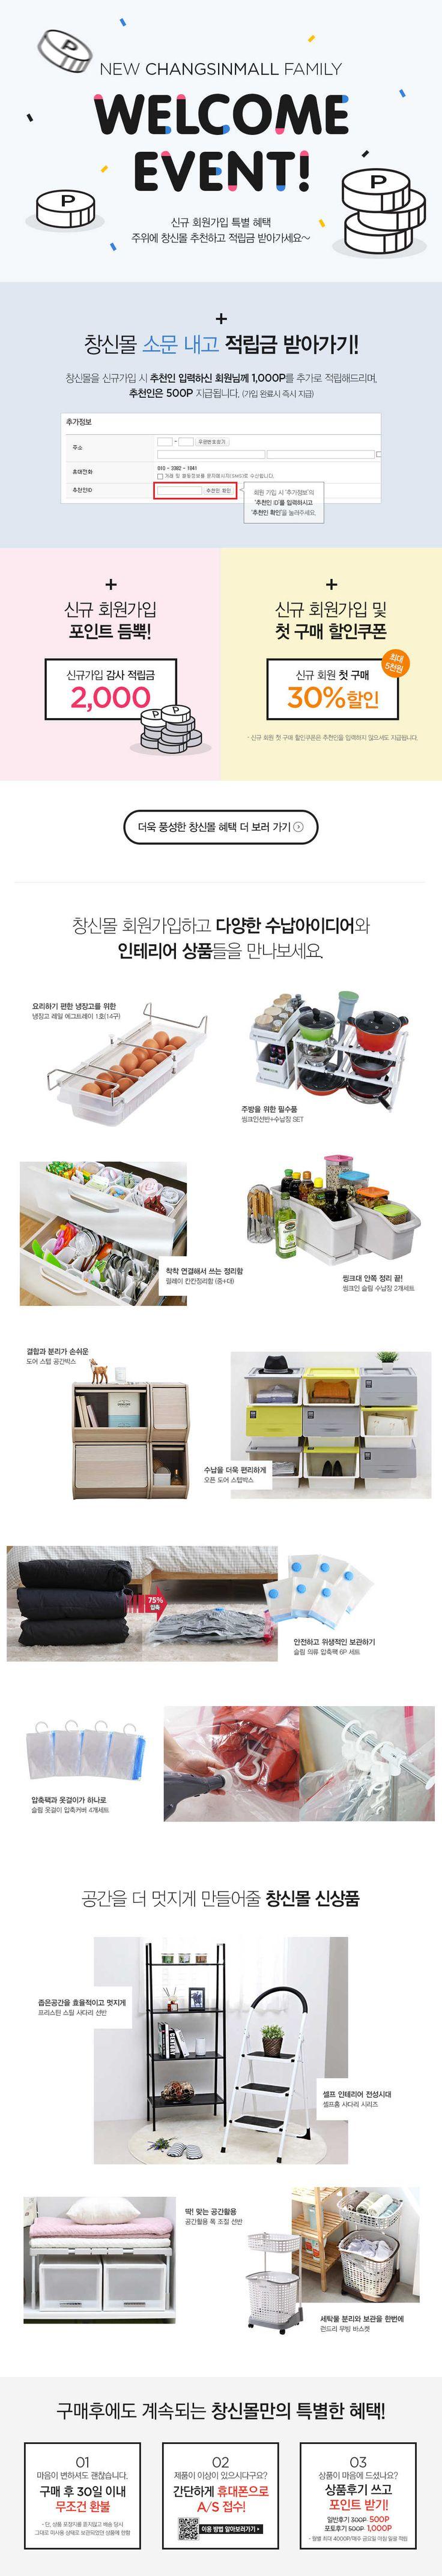 창신몰-생활수납용품 전문 제조회사